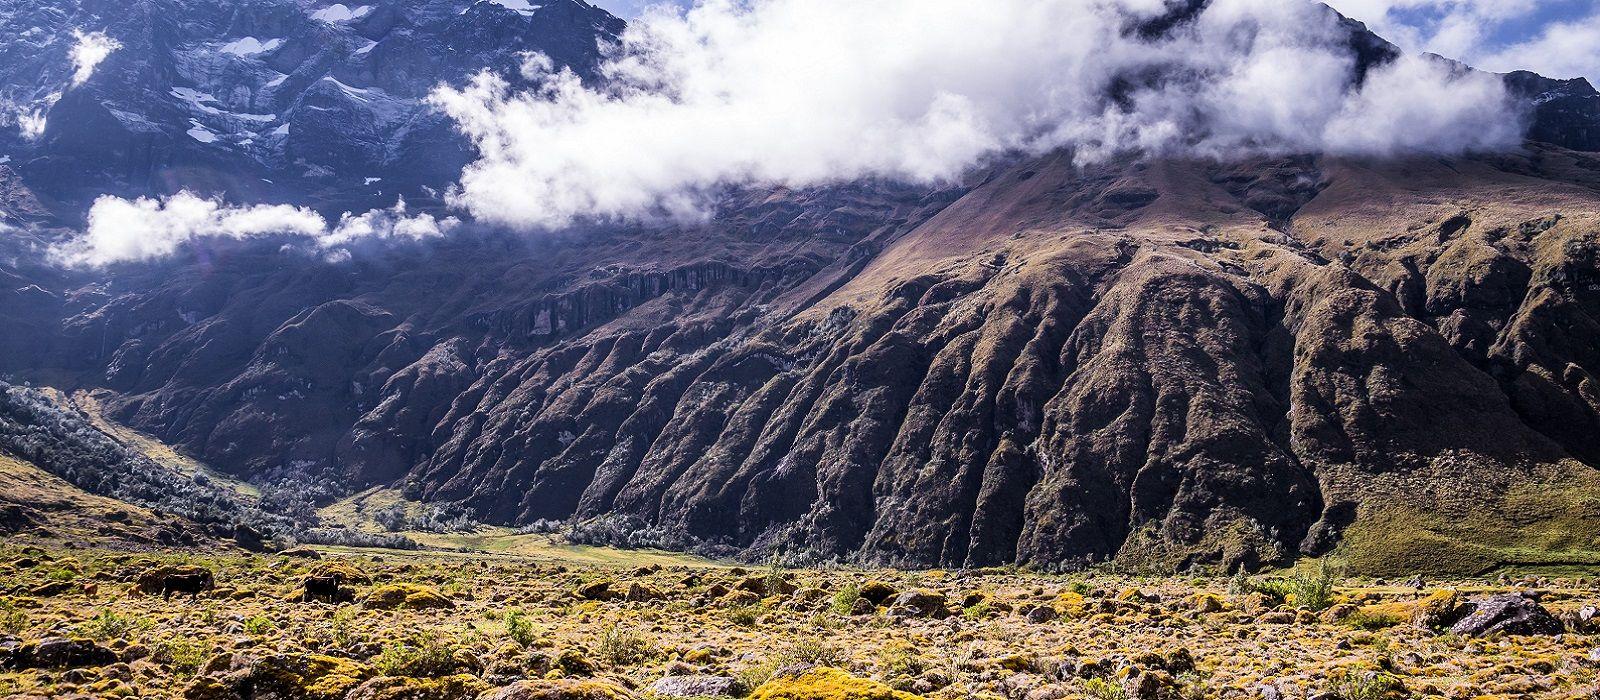 Destination Riobamba Ecuador/Galapagos